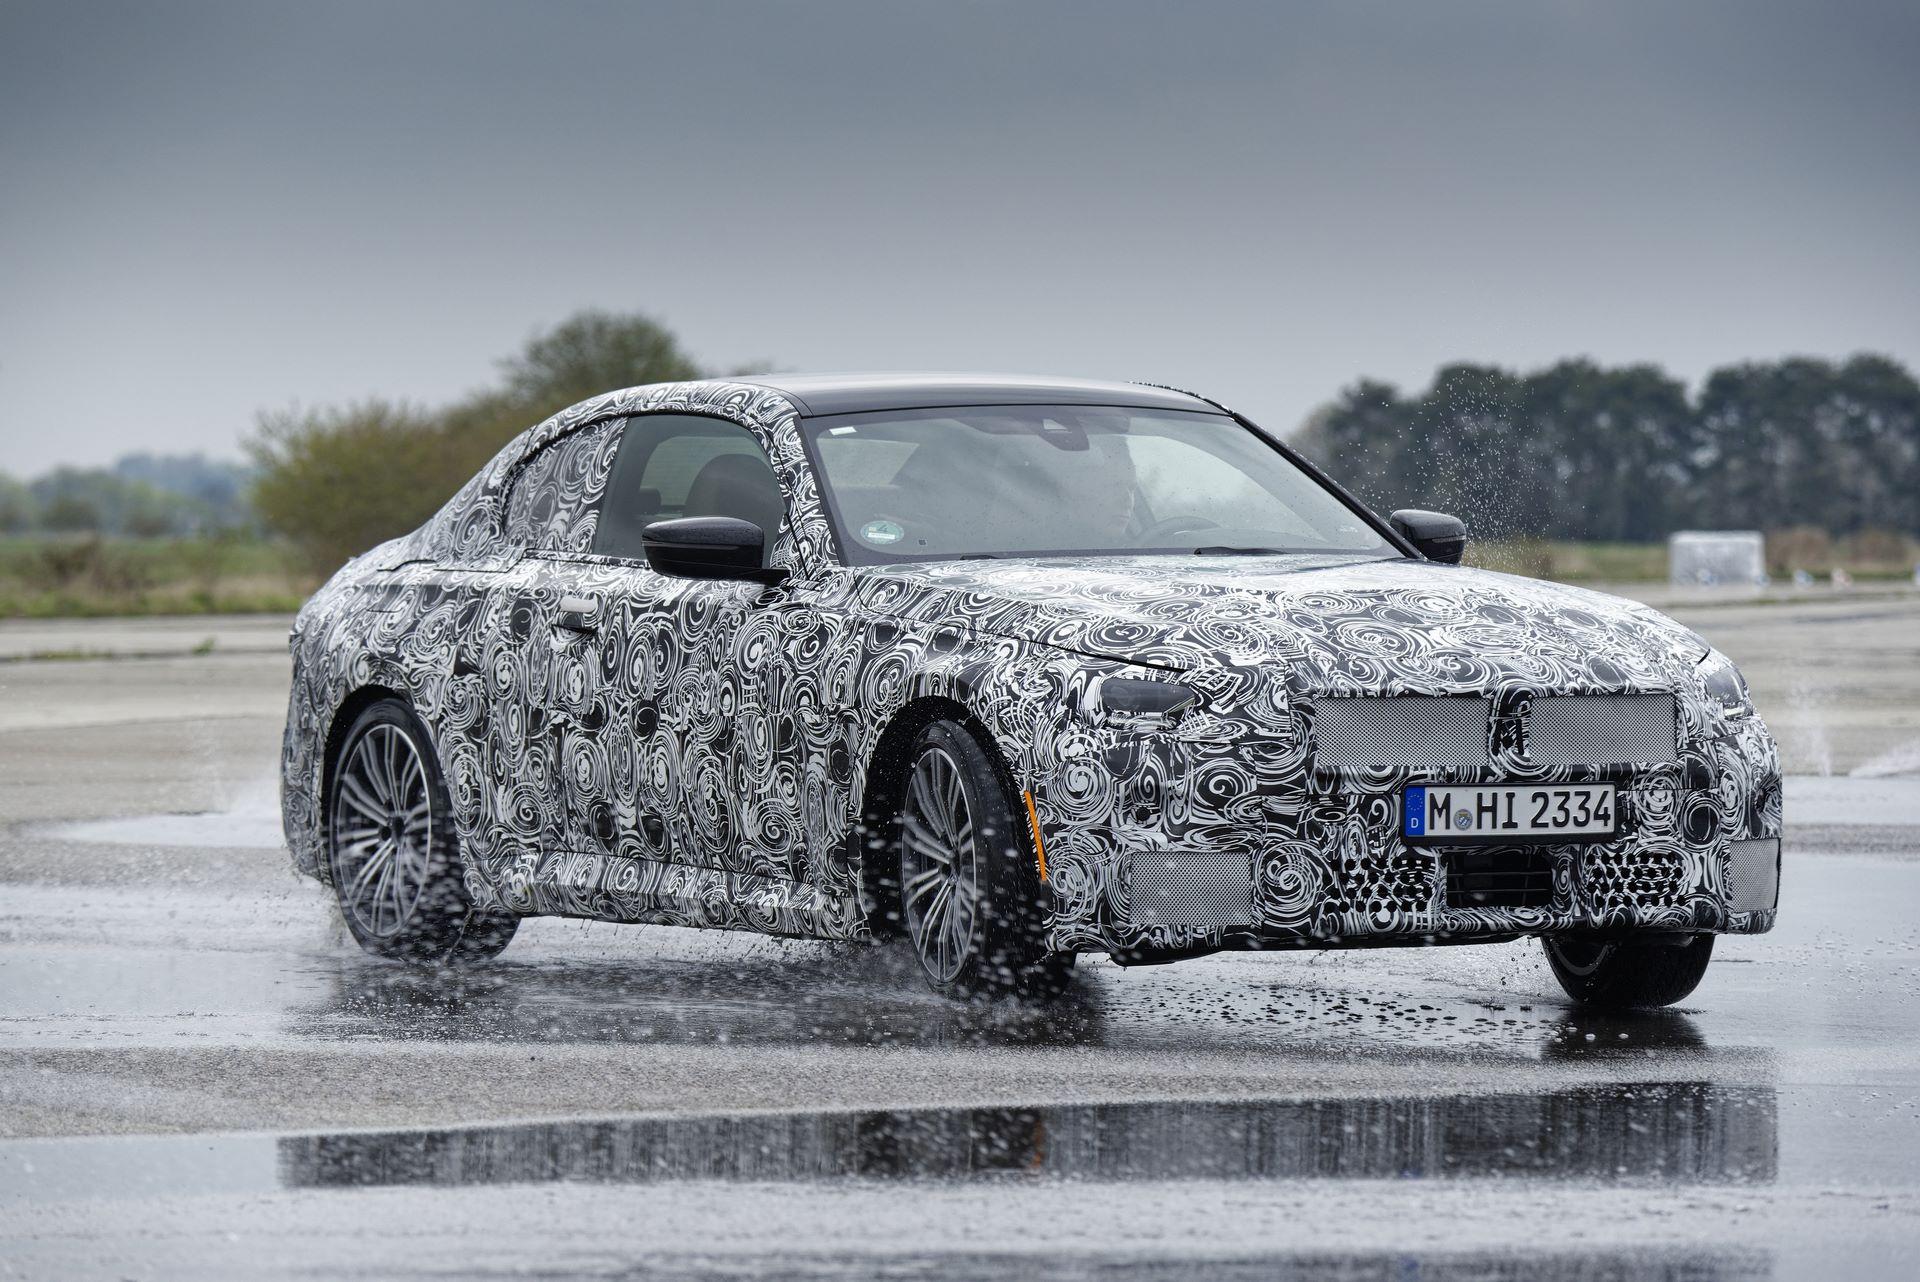 BMW-2-Series-M240i-spy-photos-36